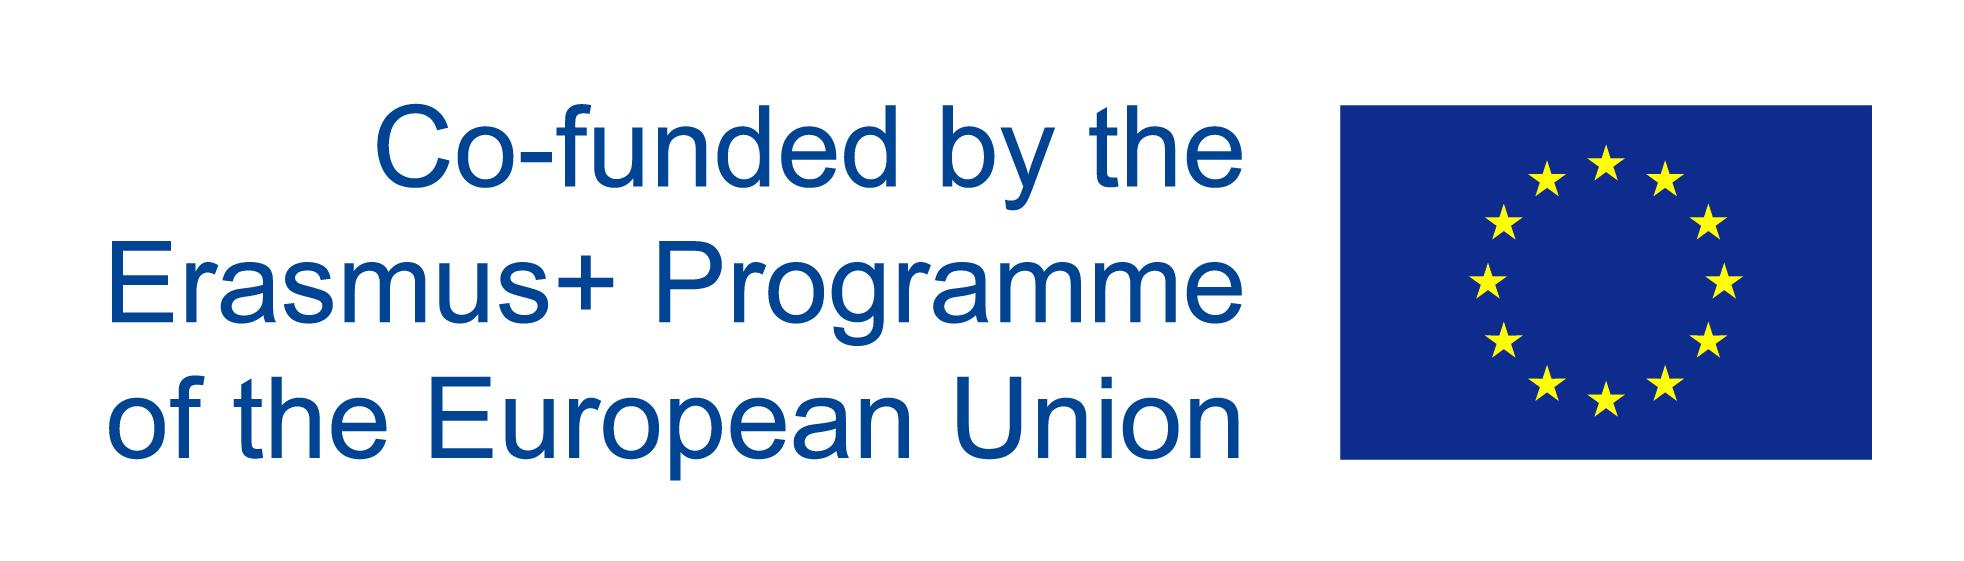 Znalezione obrazy dla zapytania: logo erasmus plus co funded by